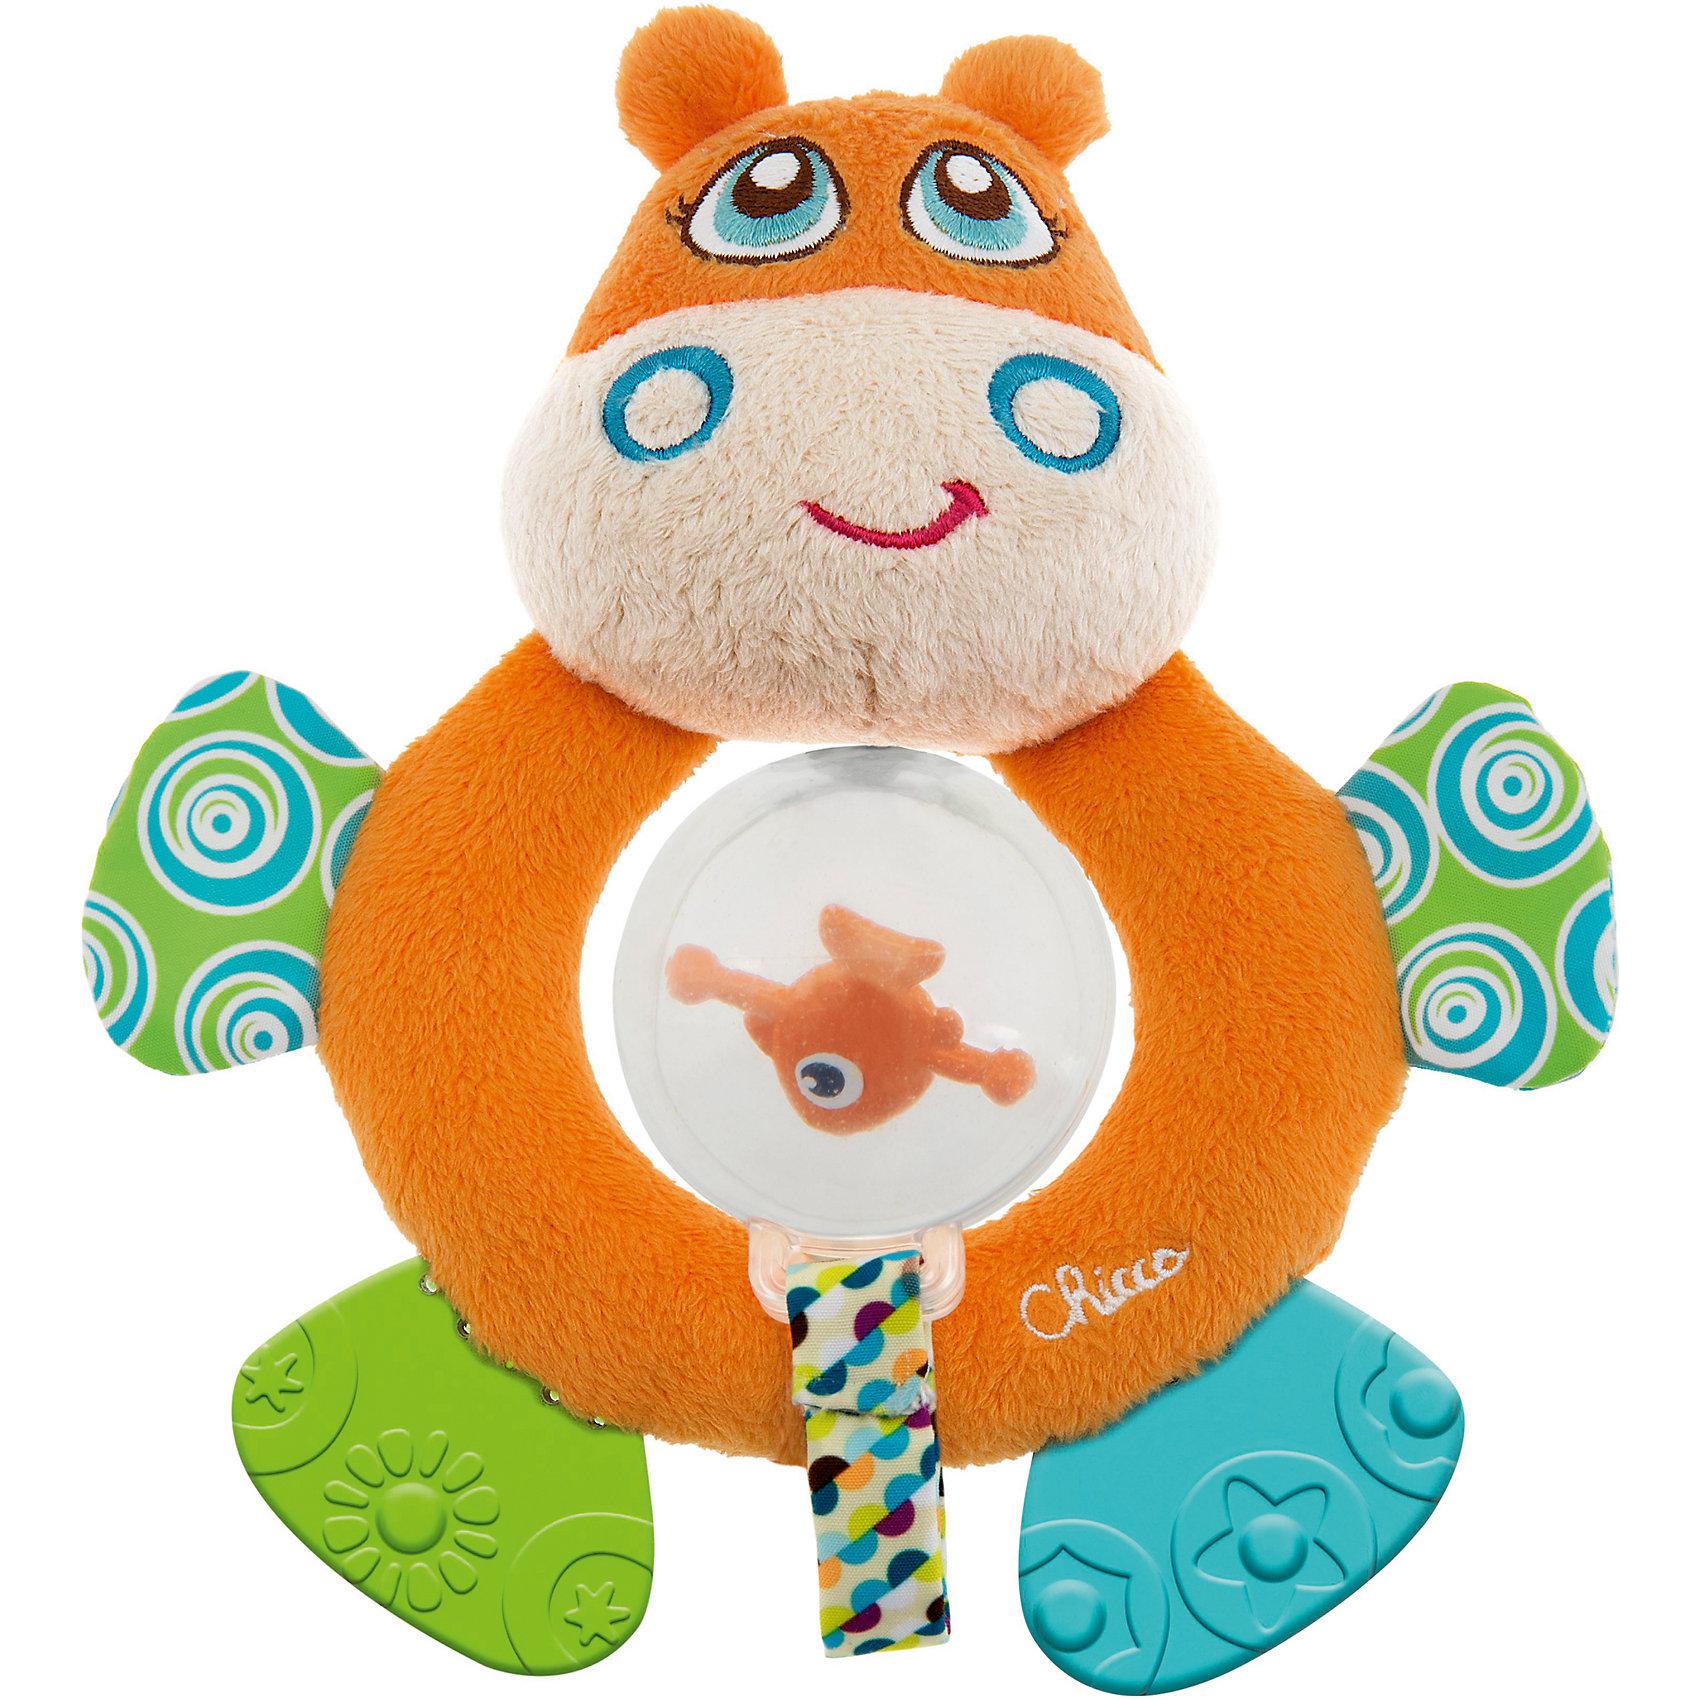 Мягкая игрушка-погремушка Бегемот Hippo, ChiccoМягкая игрушка-погремушка Бегемот Hippo, Chicco (Чикко) - это забавная оригинальная игрушка для вашего малыша.<br>Мягкая игрушка-погремушка Бегемот Hippo от Chicco (Чикко) привлечет внимание вашего малыша и не позволит ему скучать! Игрушка выполнена из мягкого текстильного материала в виде симпатичного бегемотика. Его глазки, носик и щечки вышиты нитками, а если нажать на голову, то послышится звук пищалки. В прозрачной сфере, подвешенной на ленточке, размещена забавная рыбка, которая издает звуки при вращении. Благодаря необычной конструкции игрушки, у сферы есть два положения. Она может находиться внутри кольца, или свободно висеть в нижней части игрушки. Ножки бегемотика из безопасного пластика с разными рисунками, их можно использовать как прорезыватели для зубов. Если потрогать ручки игрушки, то услышите шуршащий звук. Форма погремушки удобна для маленьких ручек ребенка. Он сможет ее держать, трясти и перекладывать из одной ручки в другую. Яркая игрушка-погремушка поможет малышу в развитии цветового и звукового восприятия, концентрации внимания, мелкой моторики рук, координации движений и тактильных ощущений. Изготовлена из безопасных для здоровья ребенка материалов.<br><br>Дополнительная информация:<br><br>- Размер игрушки: 17,5 х 15 х 5,5 см.<br>- Цвет: оранжевый, белый, голубой, зеленый<br>- Материал: высококачественный пластик, текстиль, мягкий наполнитель<br>- Размер упаковки: 25 x 18 x 7 см.<br>- Вес: 120 гр.<br><br>Мягкую игрушку-погремушку Бегемот Hippo, Chicco (Чикко) можно купить в нашем интернет-магазине.<br><br>Ширина мм: 260<br>Глубина мм: 175<br>Высота мм: 53<br>Вес г: 124<br>Возраст от месяцев: 3<br>Возраст до месяцев: 18<br>Пол: Унисекс<br>Возраст: Детский<br>SKU: 3943187